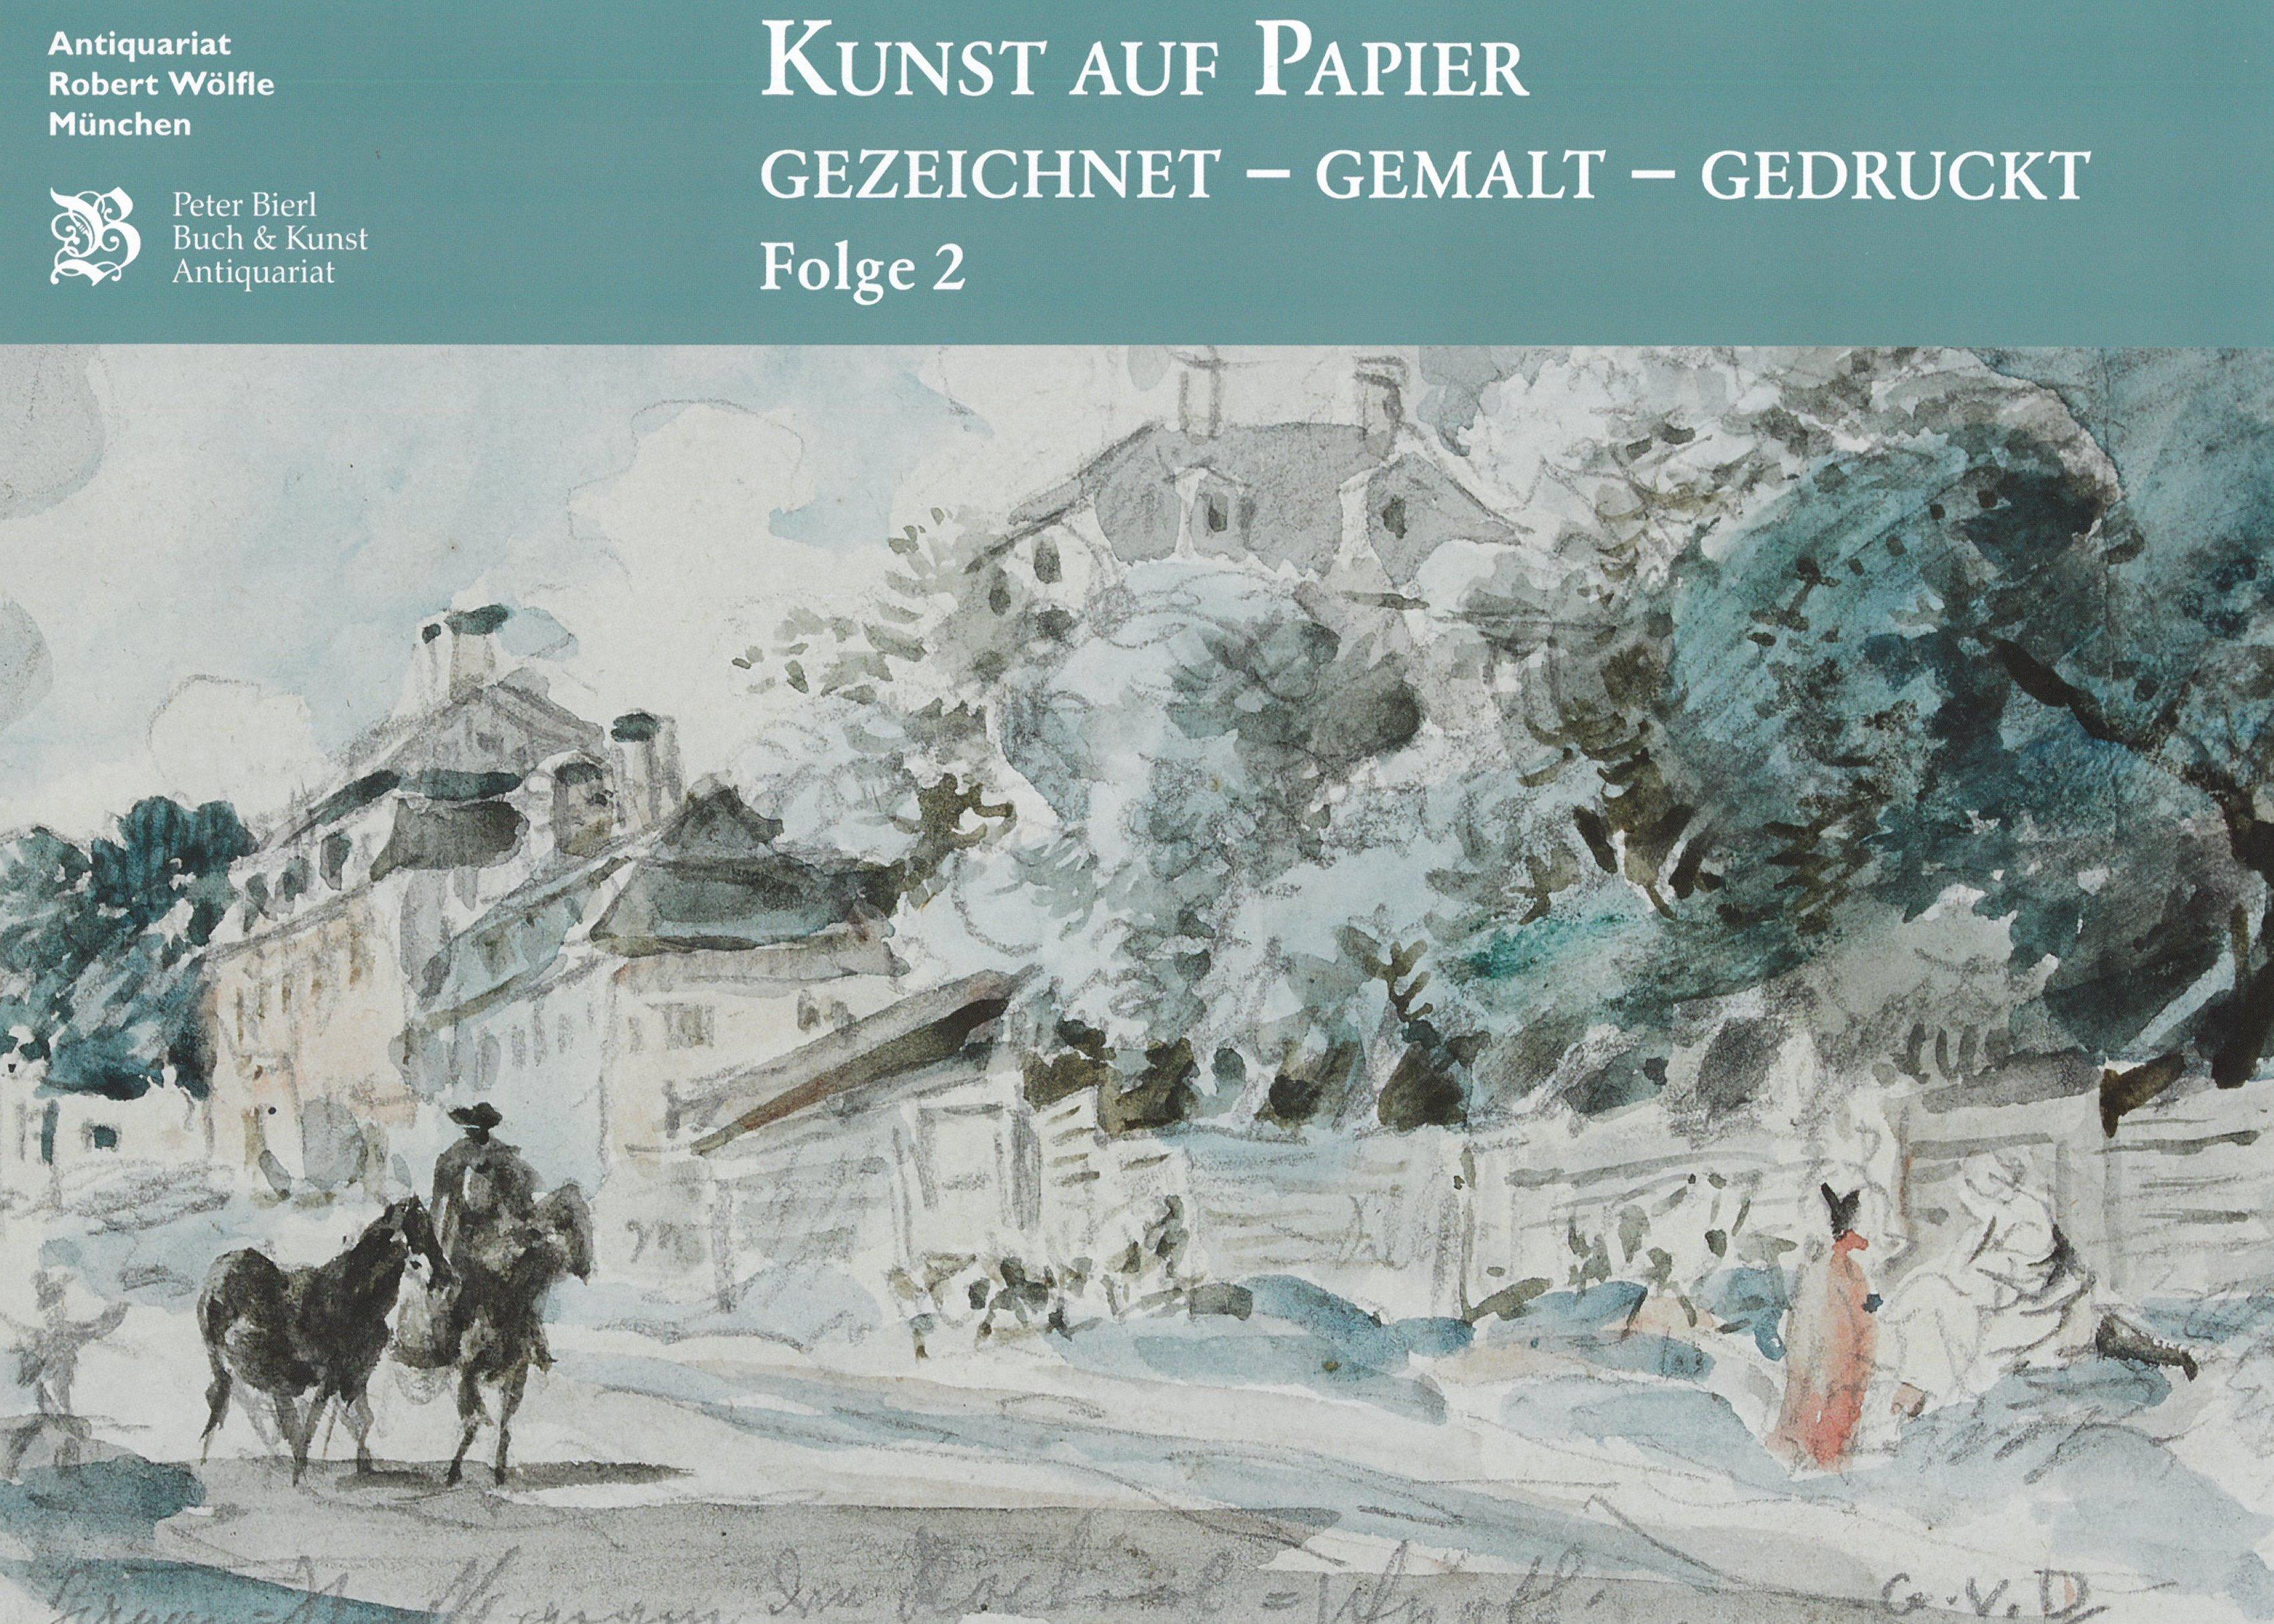 Gemeinschaftskatalog - Kunst auf Papier - Gezeichnet - Gemalt - Gedruckt (Sommer 2020)